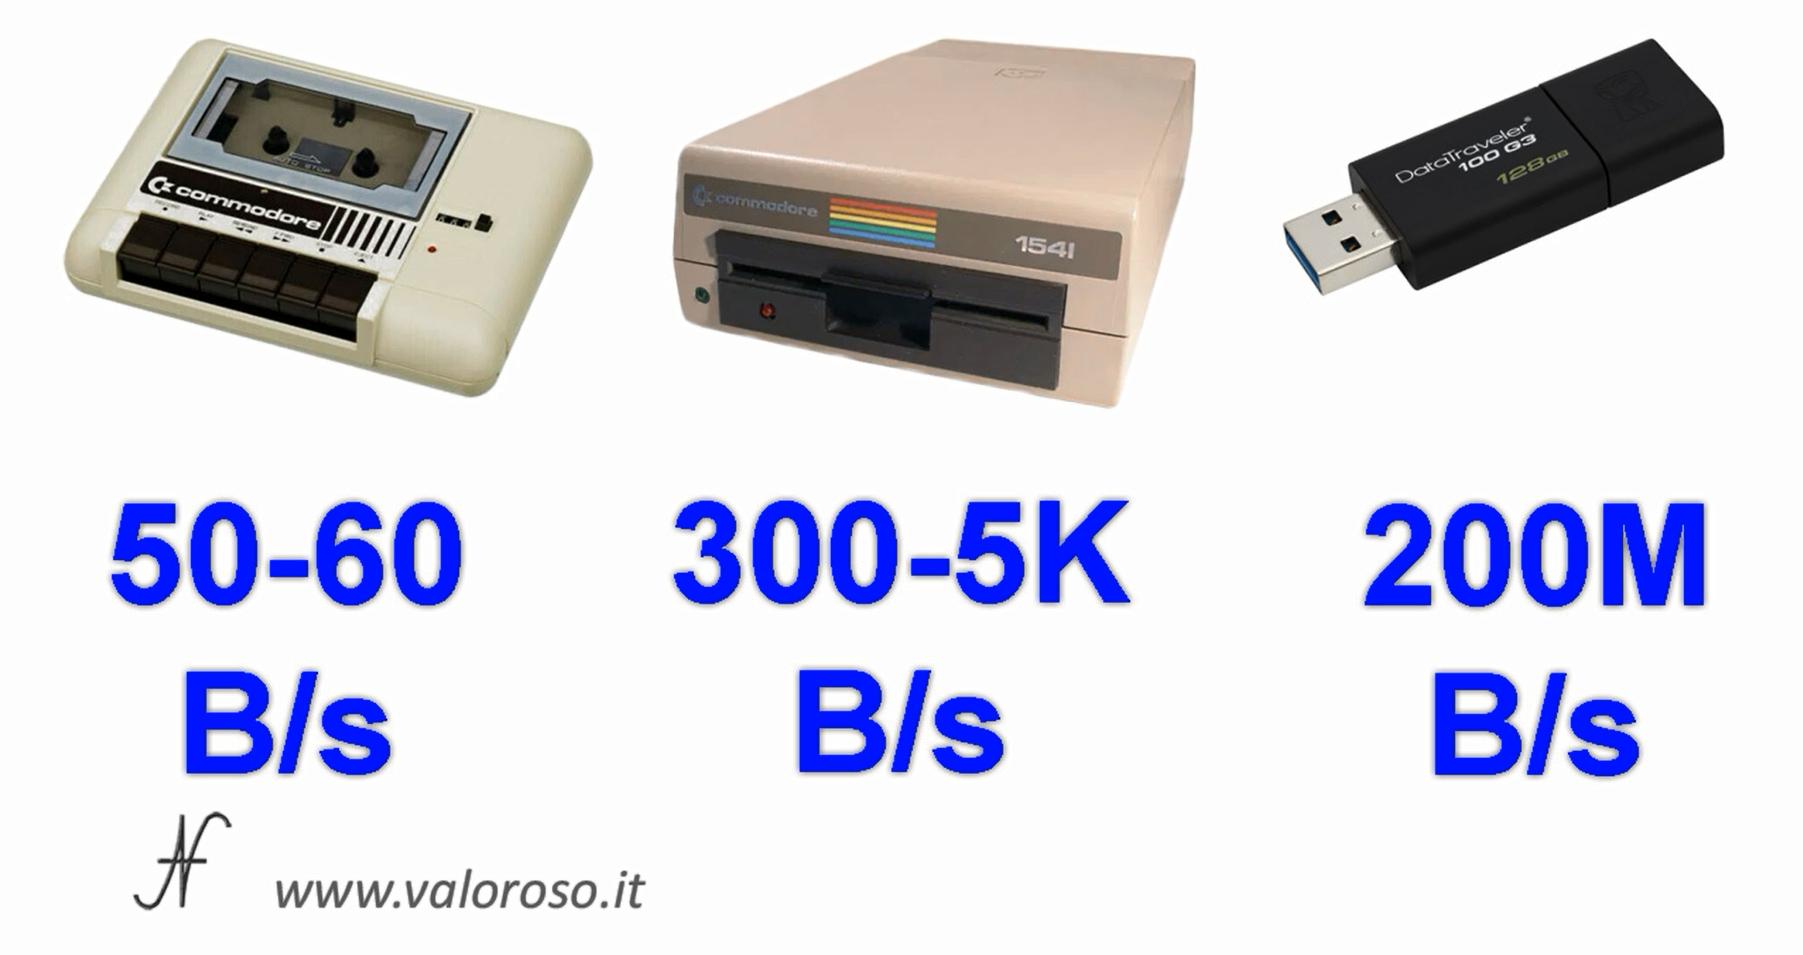 Commodore Vs PC moderno, paragone velocità, datassette, pendrive USB3, floppy disk drive 1541